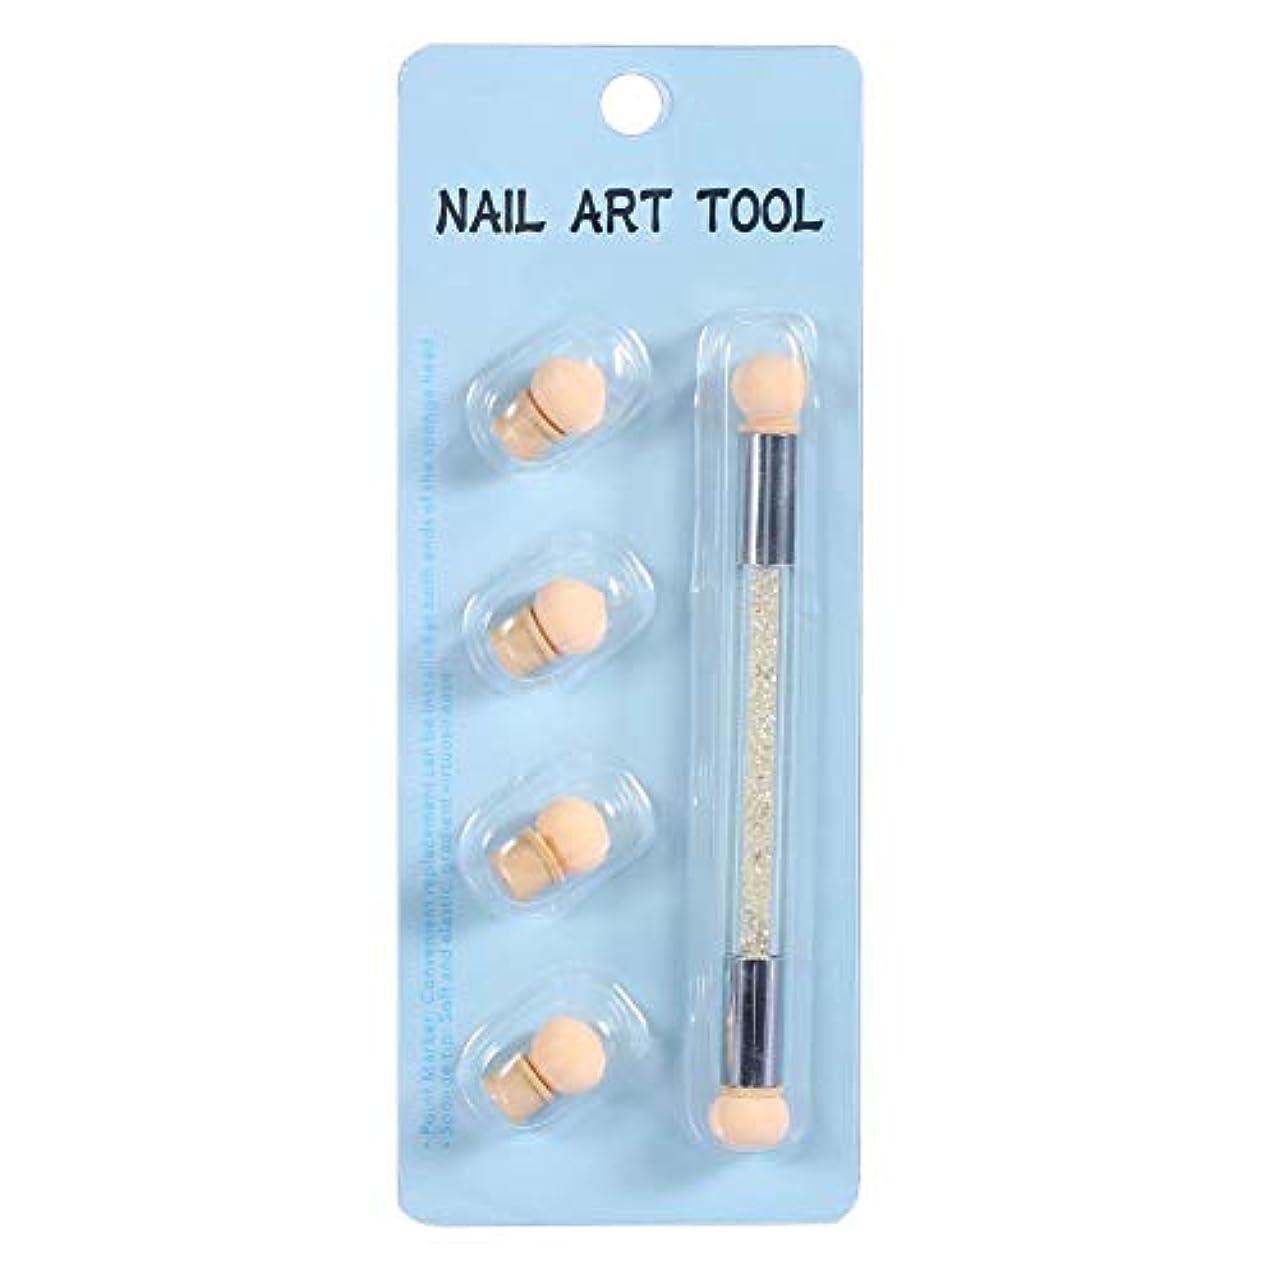 逃れる下着サンダーネイルアート 4個 交換用 スポンジヘッド ネイルアートスポンジブラシ ネイル筆 ドットペン